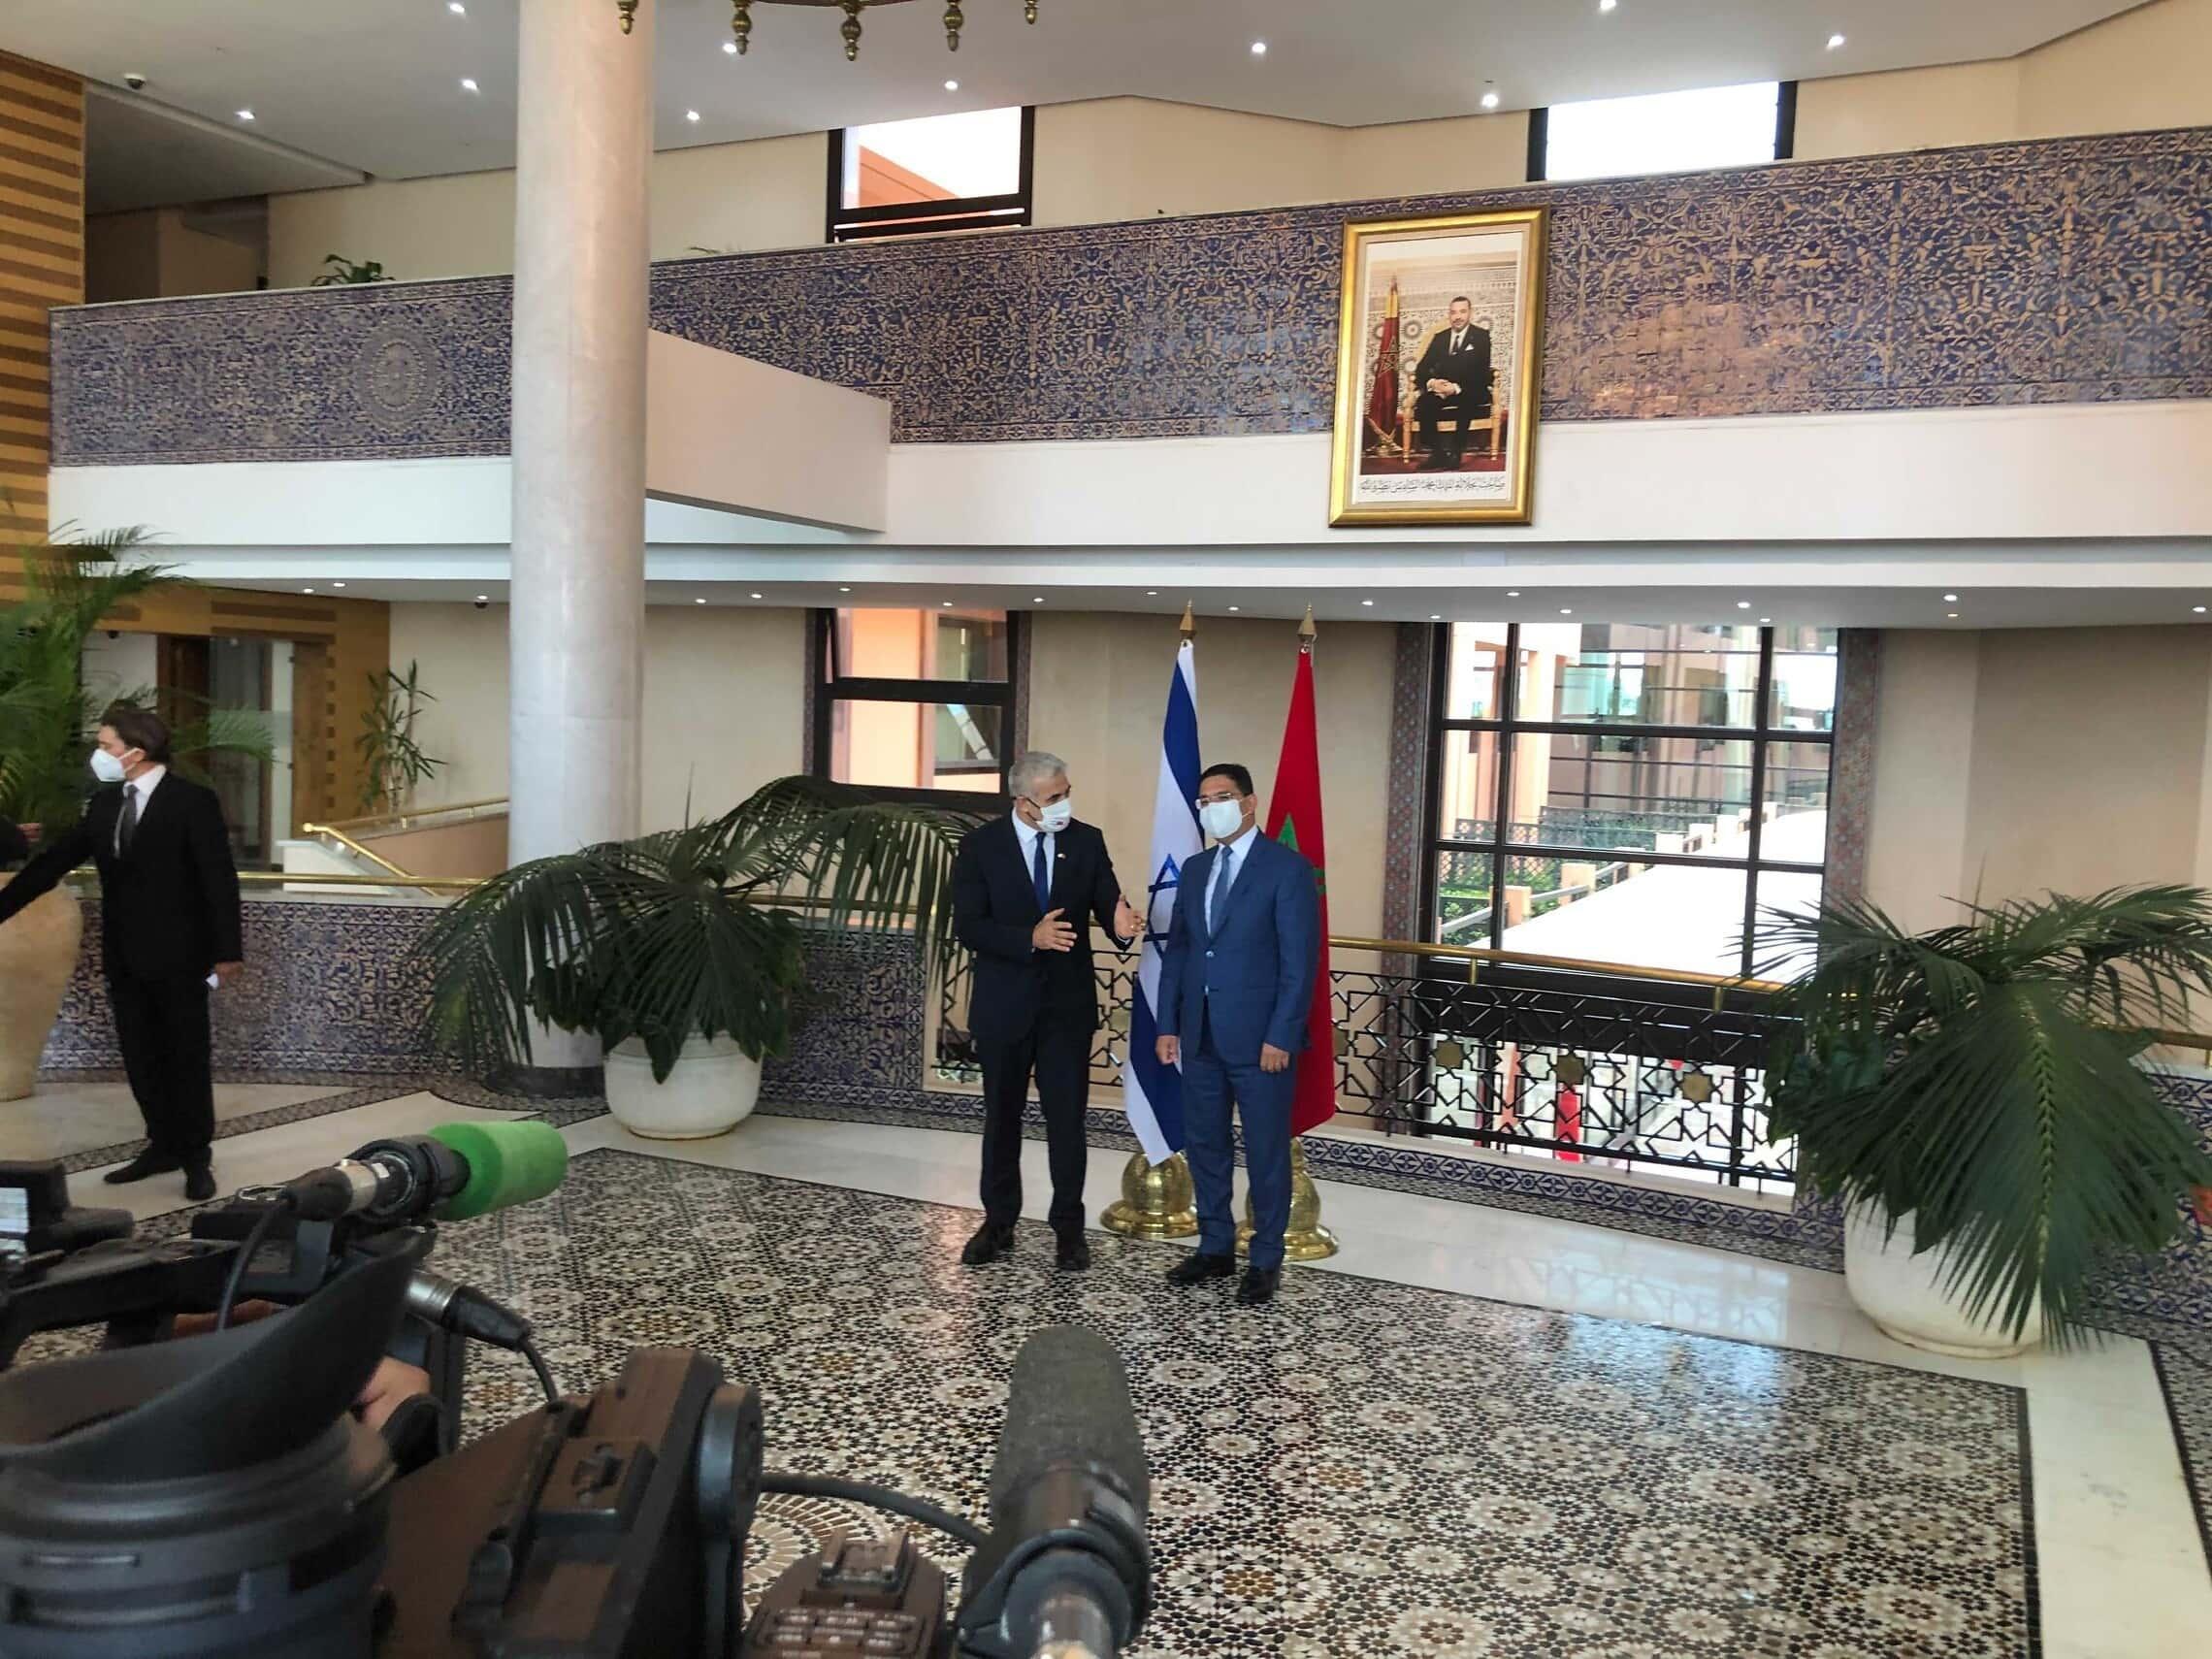 שר החוץ יאיר לפיד ומקבילו המרוקאי נאסר בוריטה ברבאט, 11 באוגוסט 2021 (צילום: לייזר ברמן)